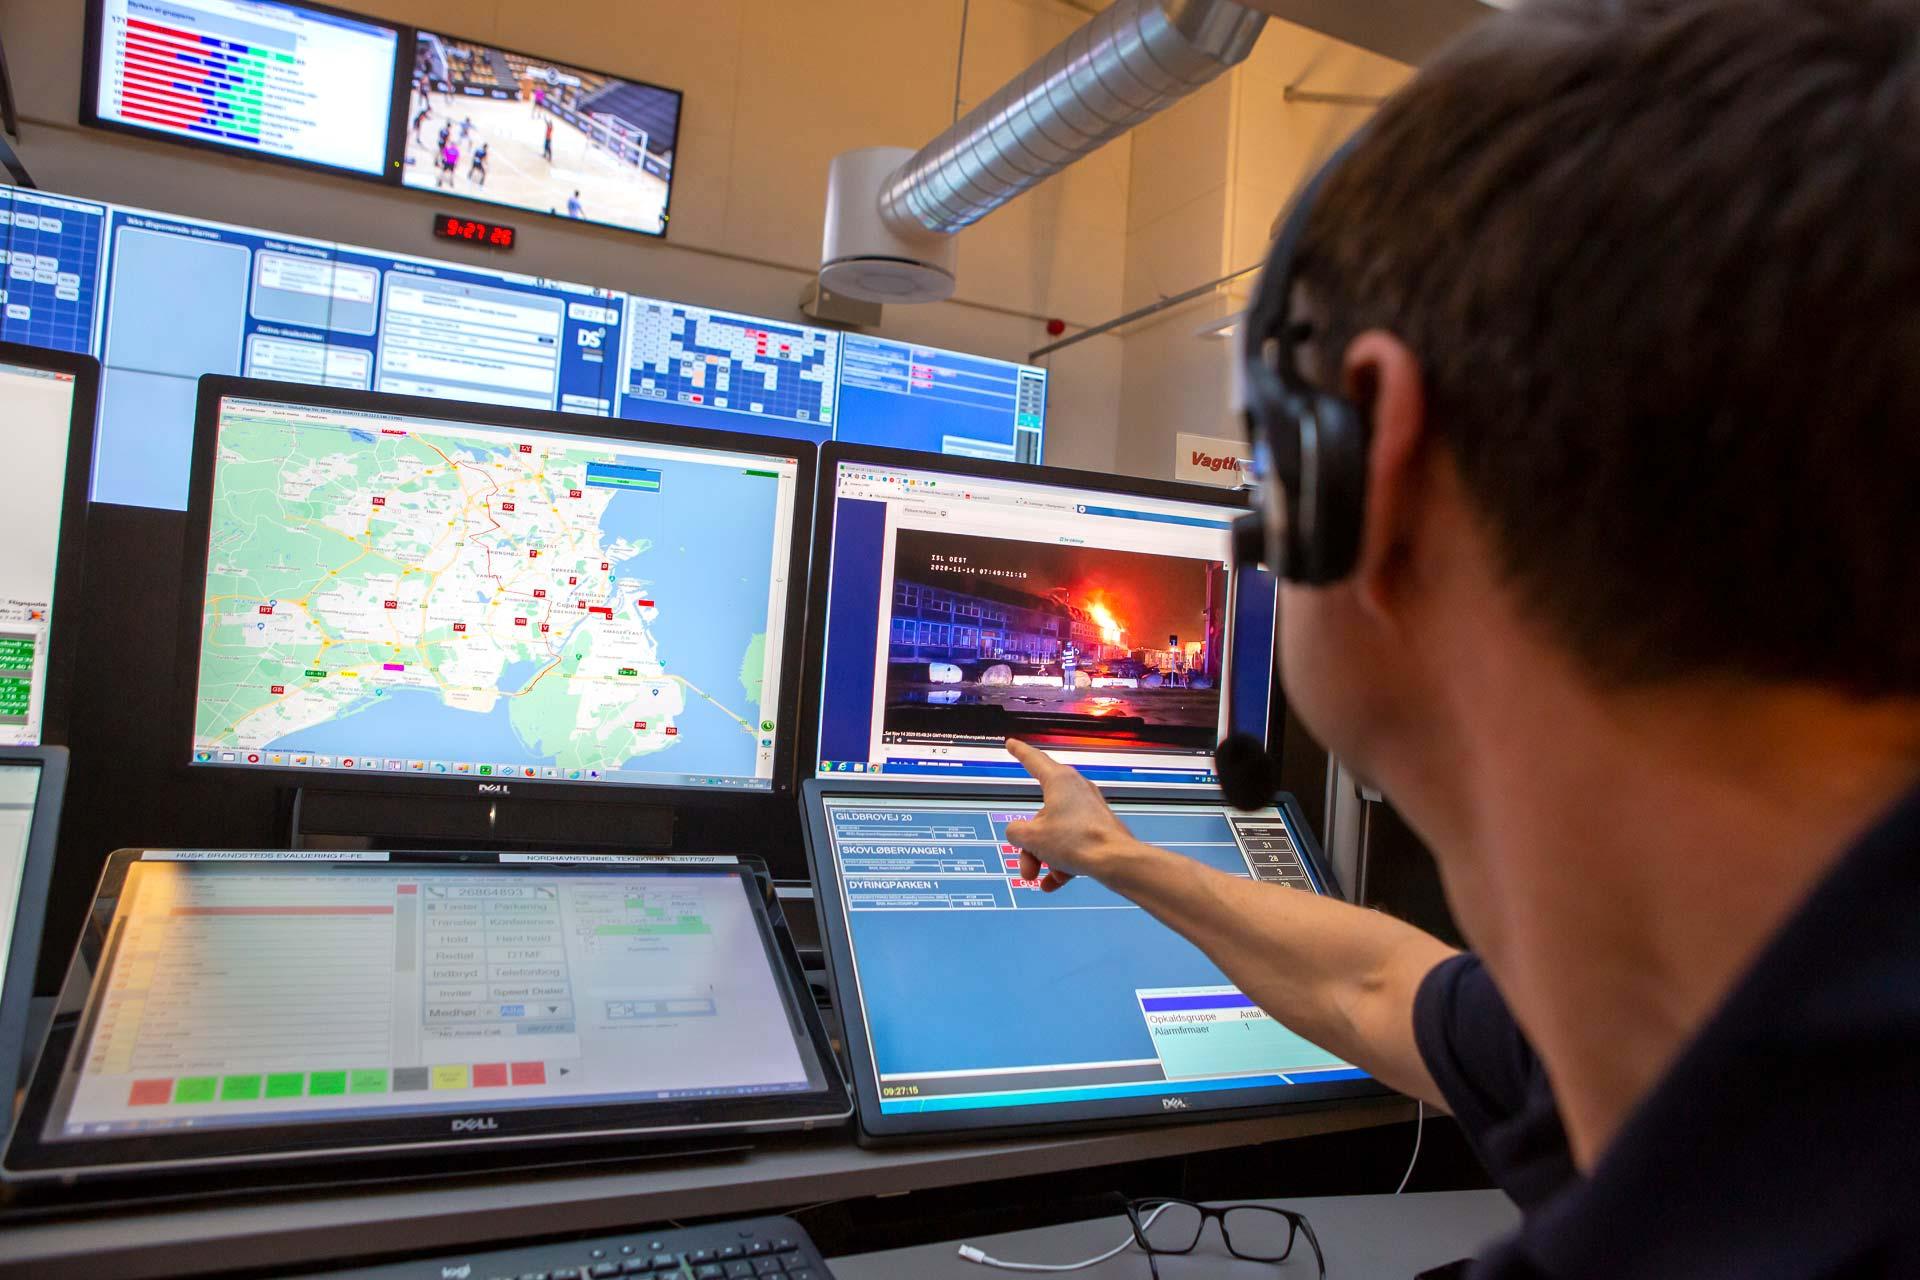 Medarbejder fra Hovedstadens Beredskab interagerer med mange forskellige skærme og systemer